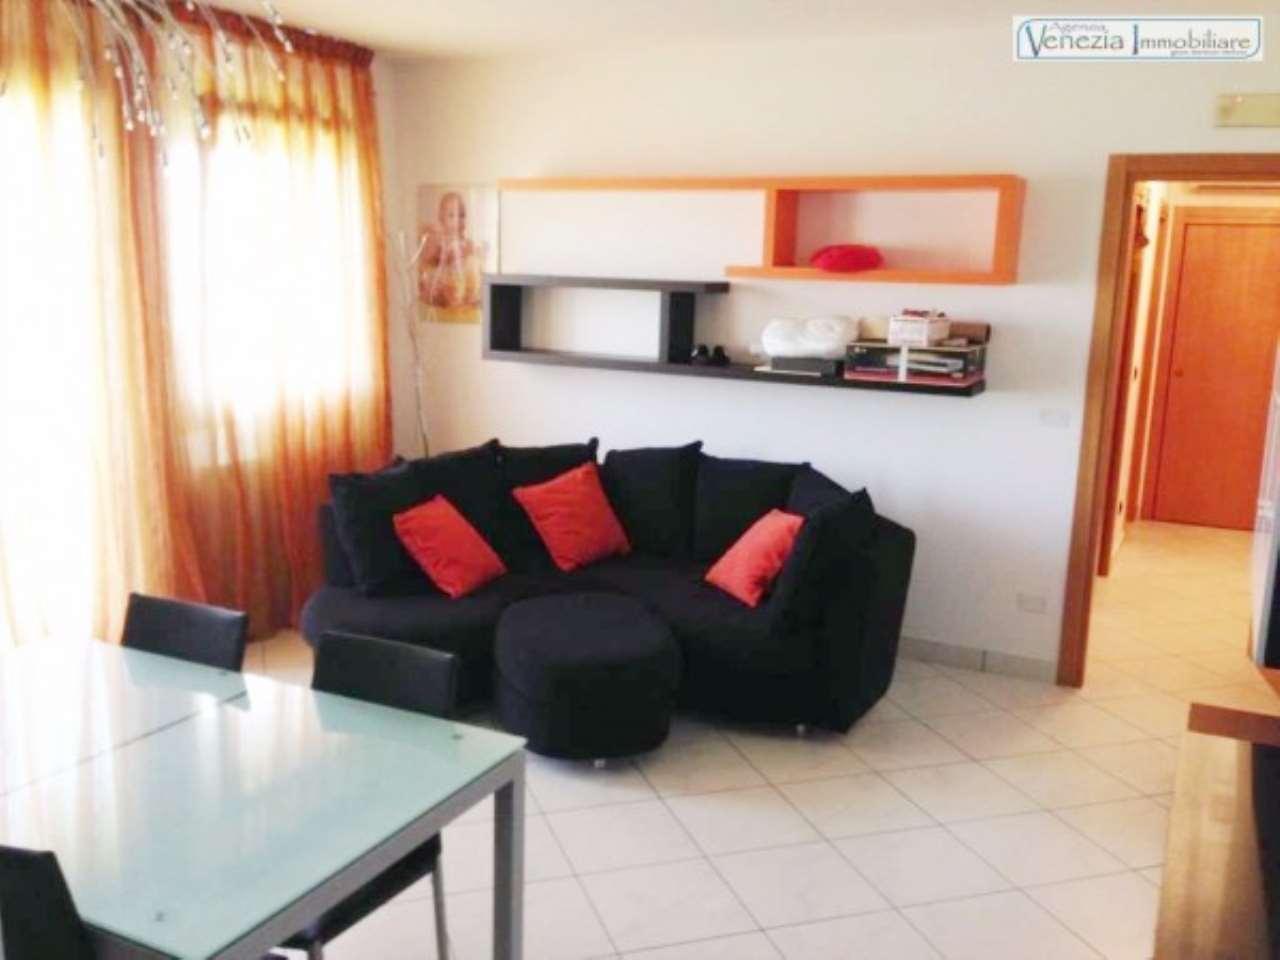 Appartamento in vendita a Codevigo, 2 locali, prezzo € 110.000 | CambioCasa.it